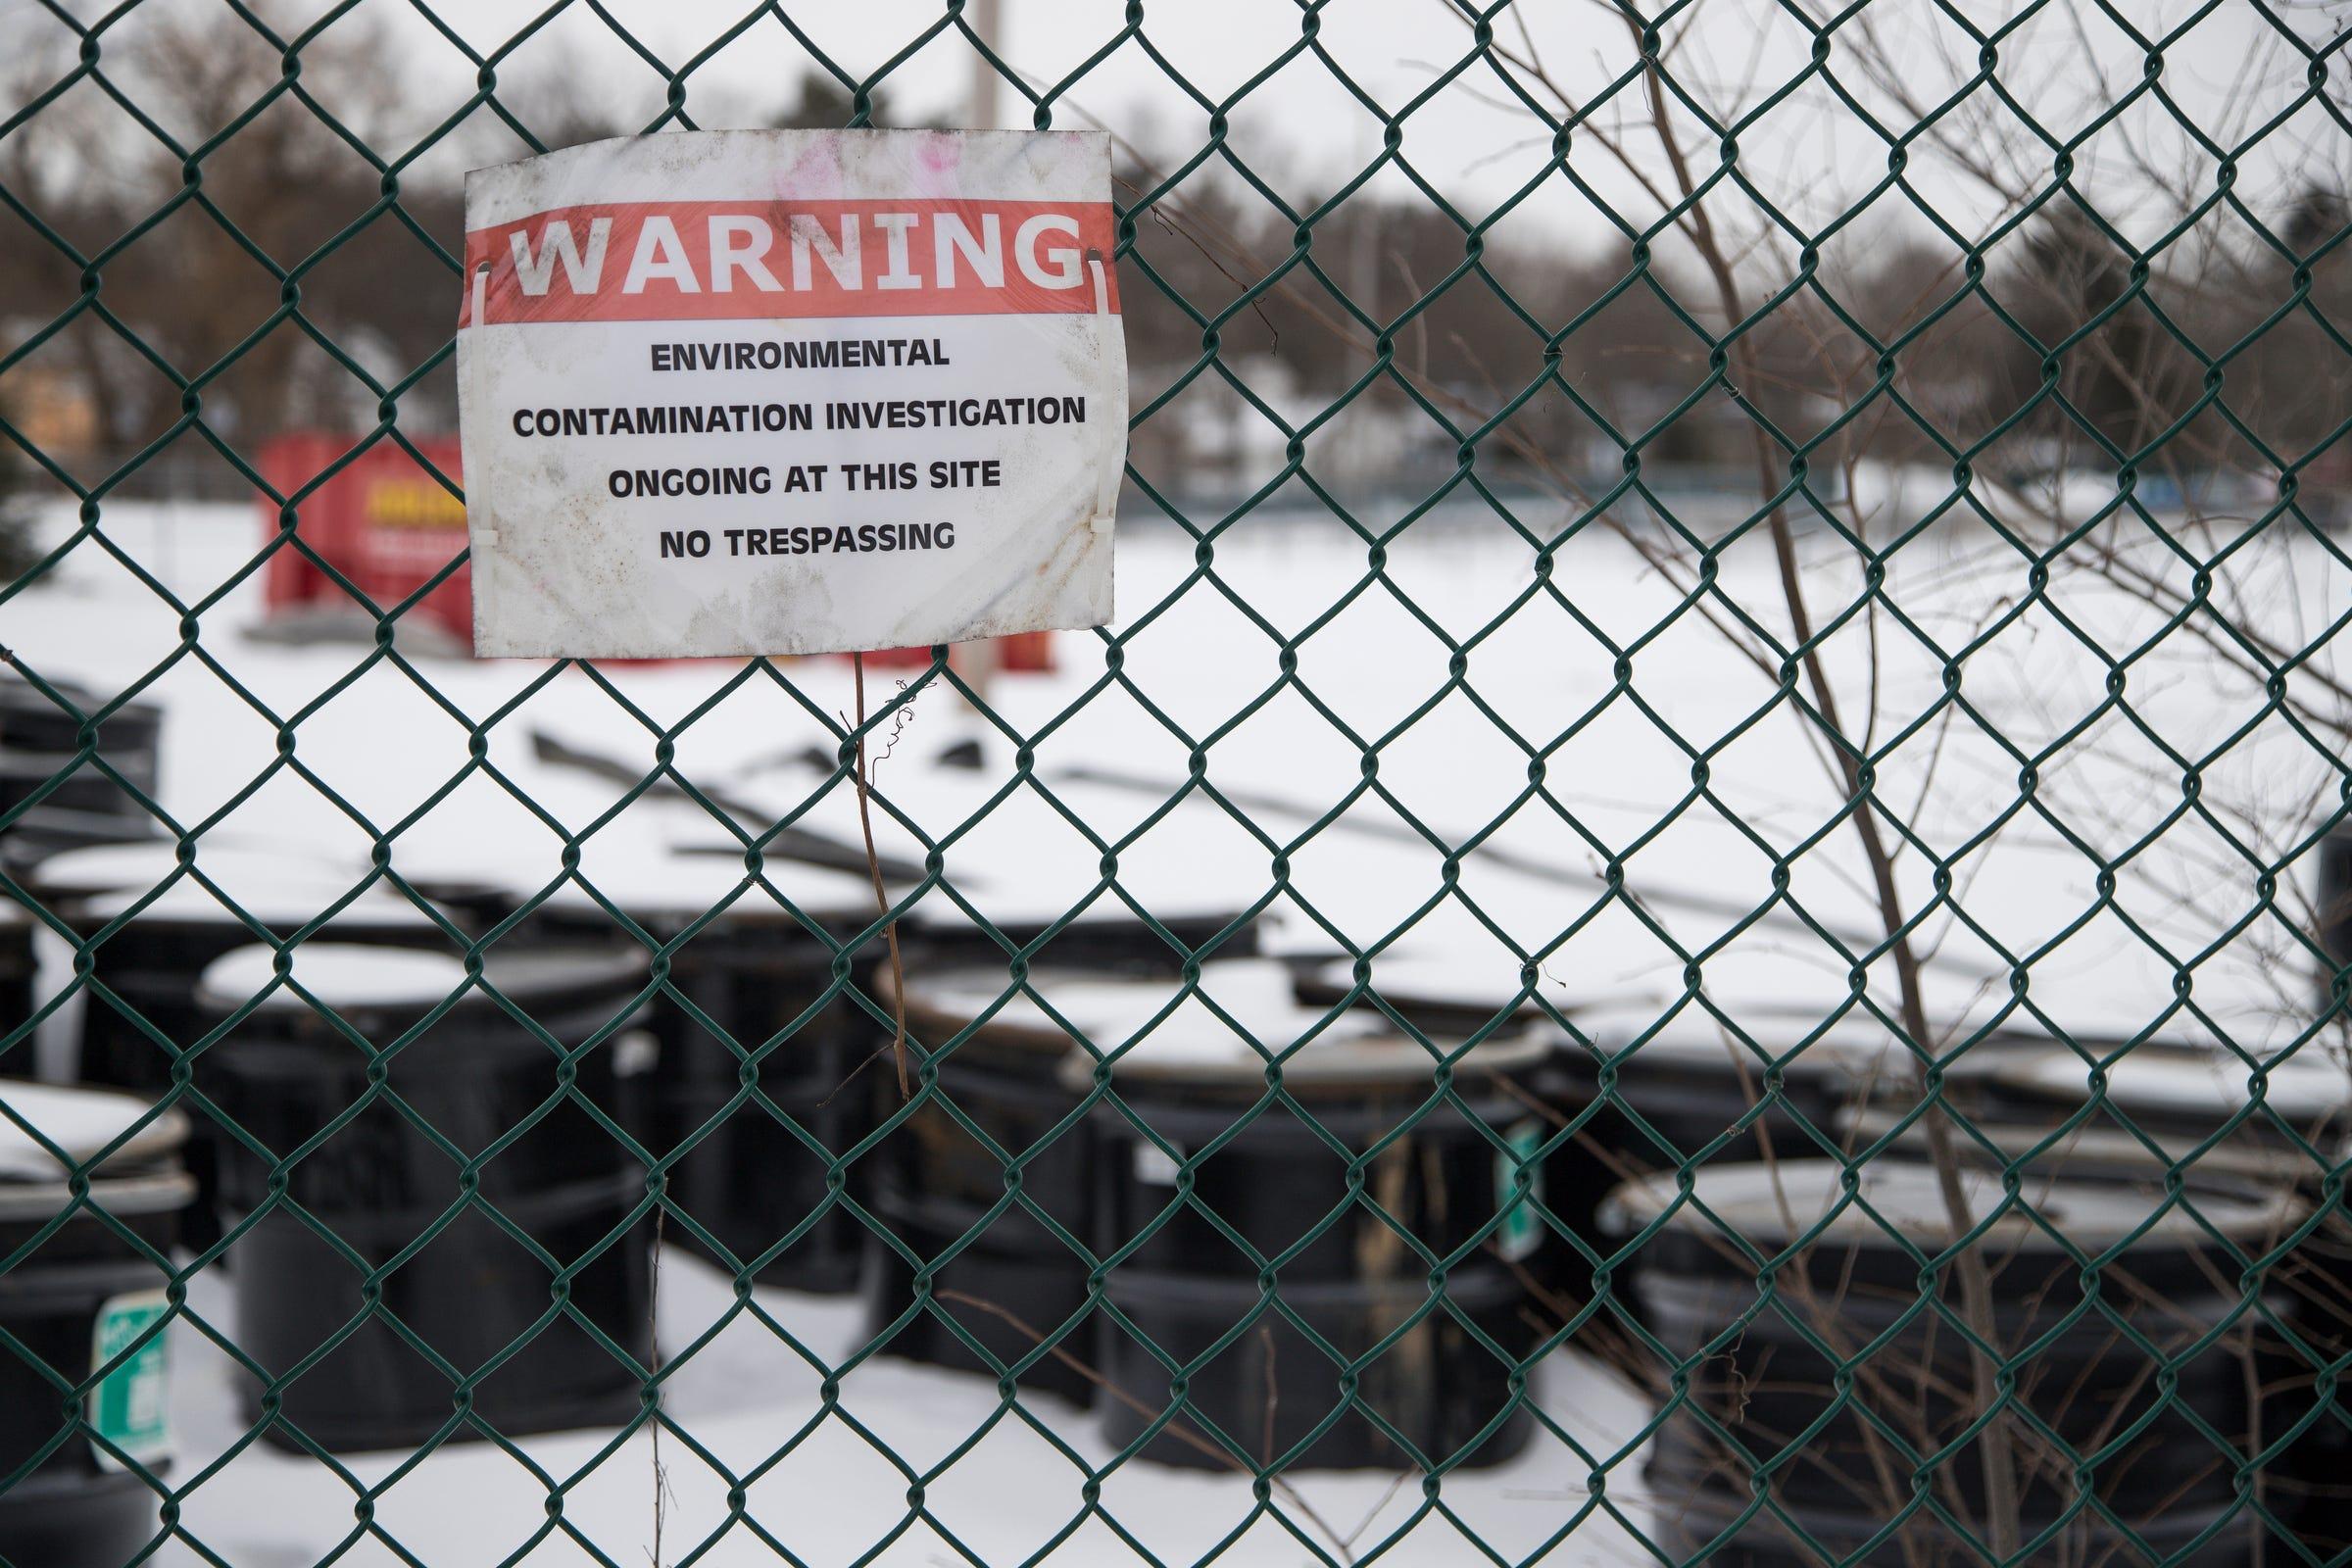 PFAS contamination: Michigan's biggest environmental crisis in decades